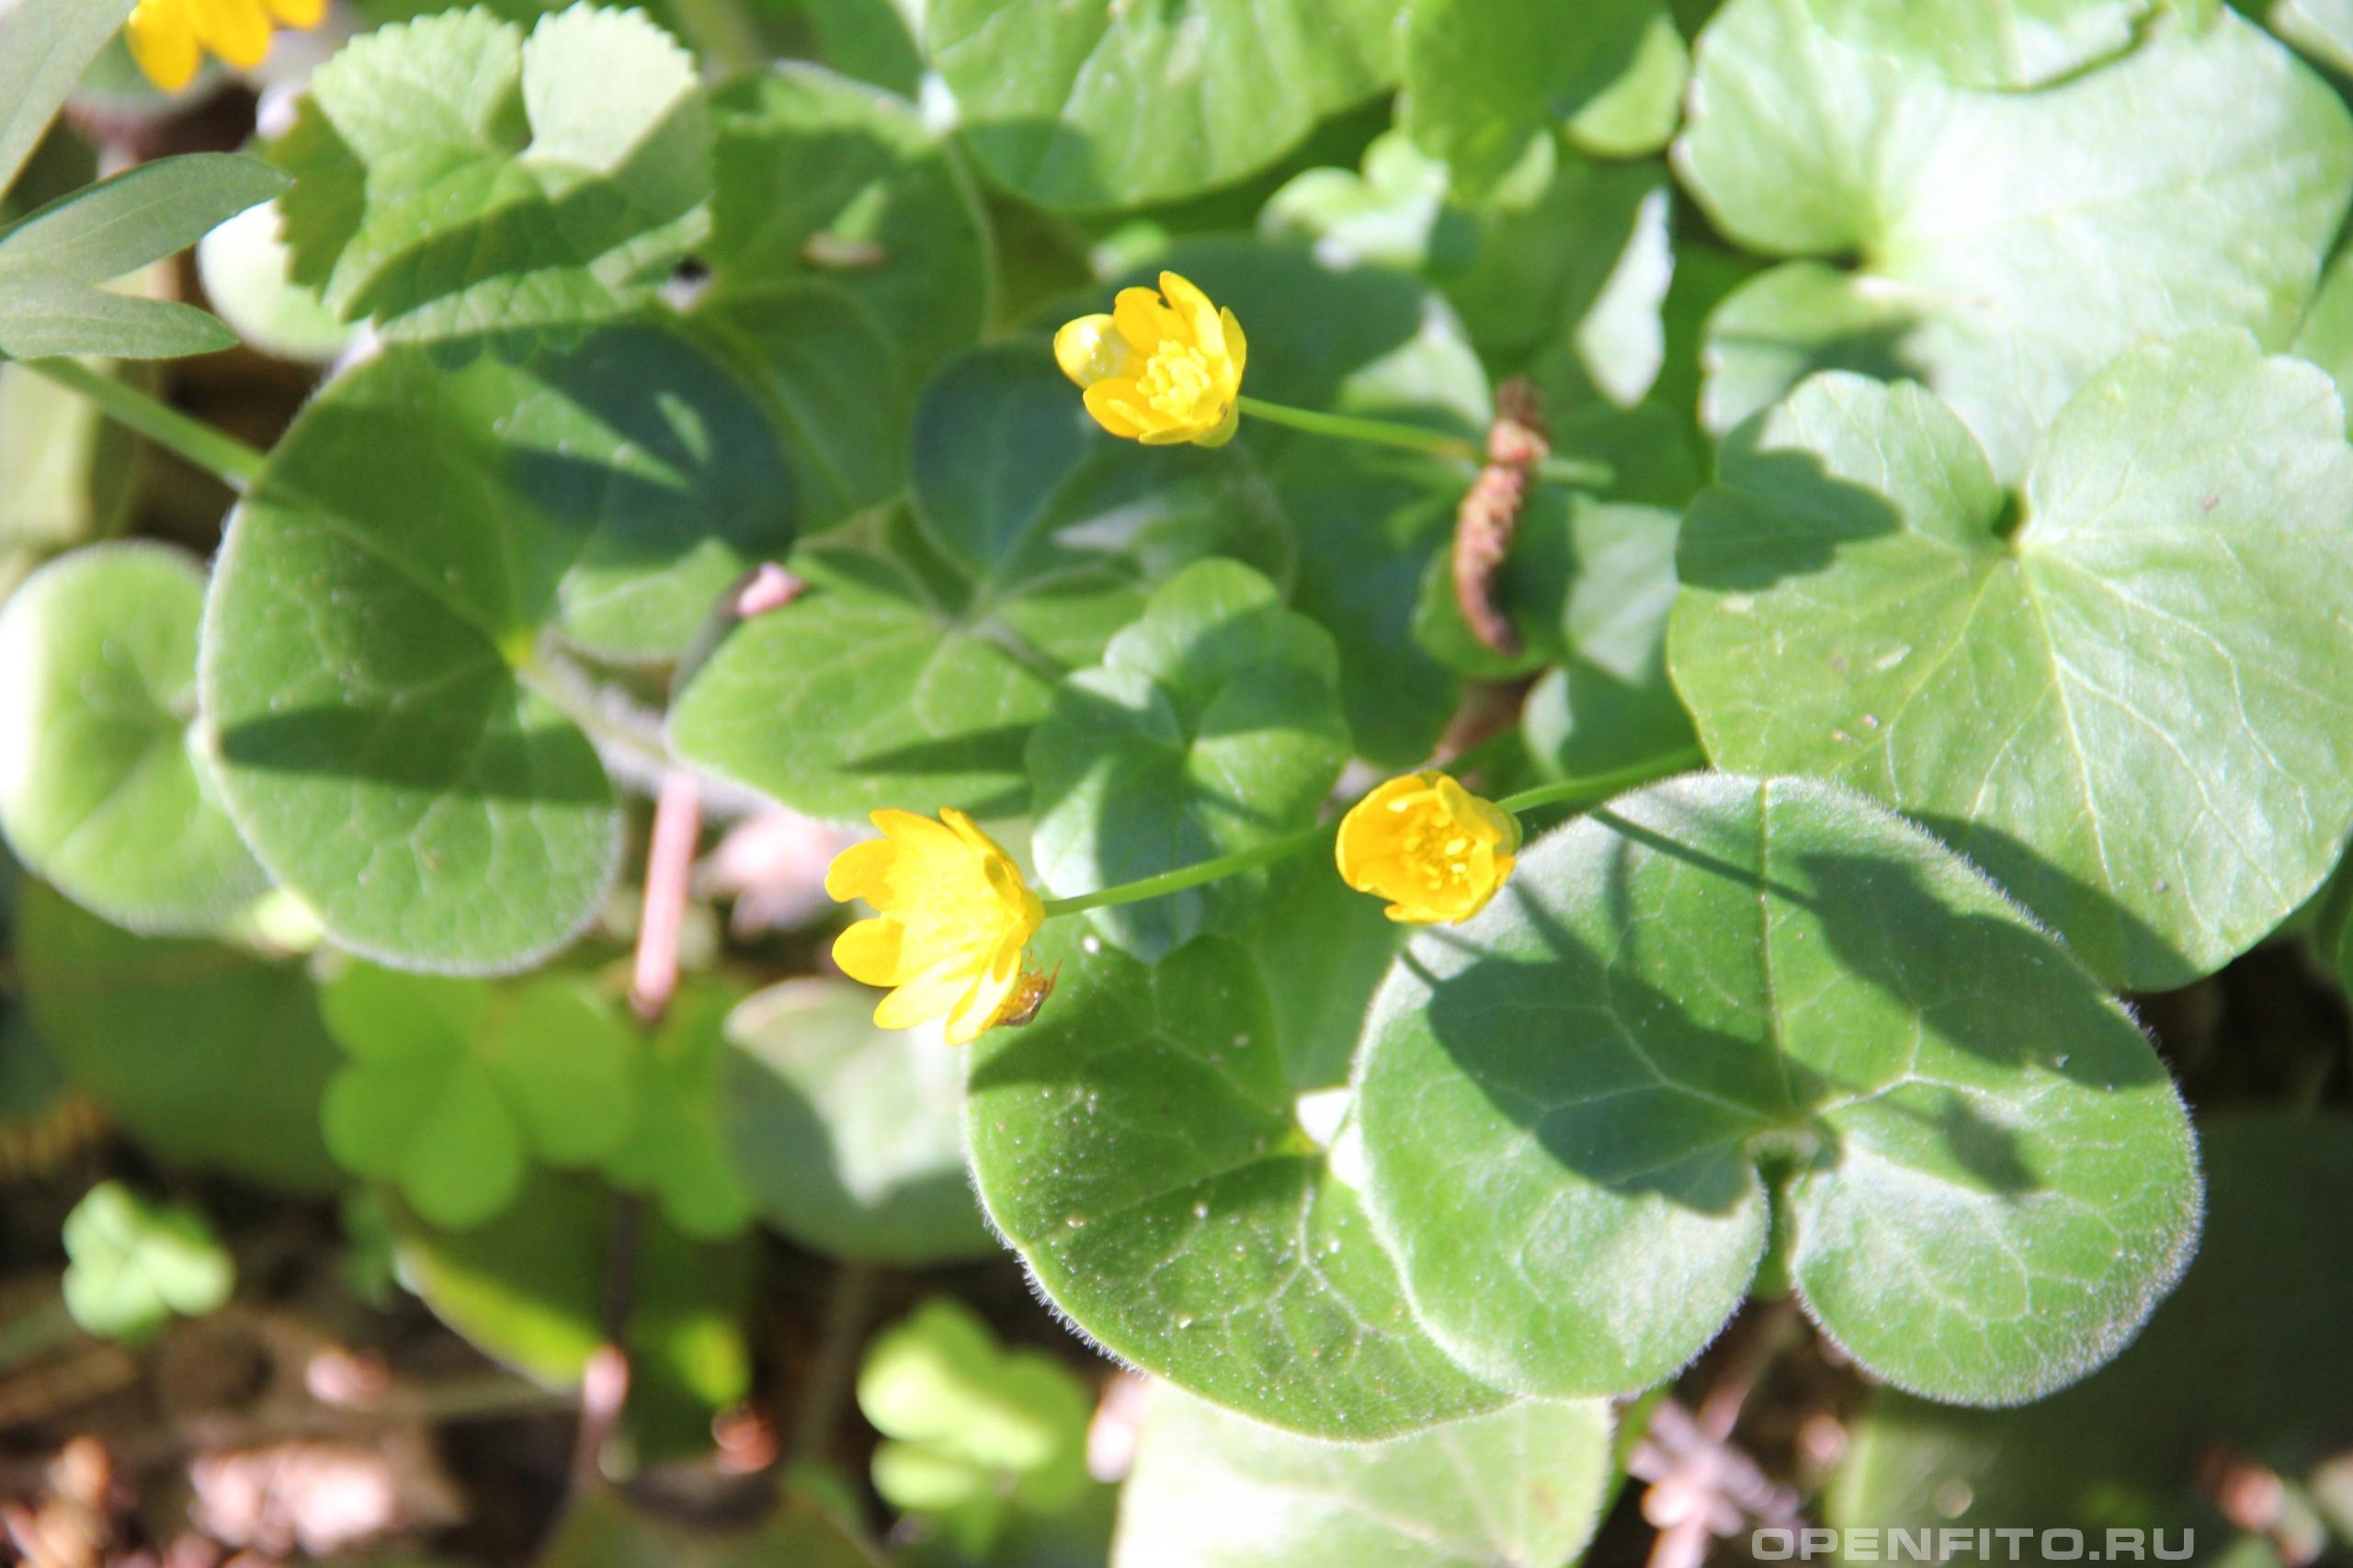 Чистяк весенний <p>цветущее весеннее растение чистяк лютичный или лютик чистяковый</p>